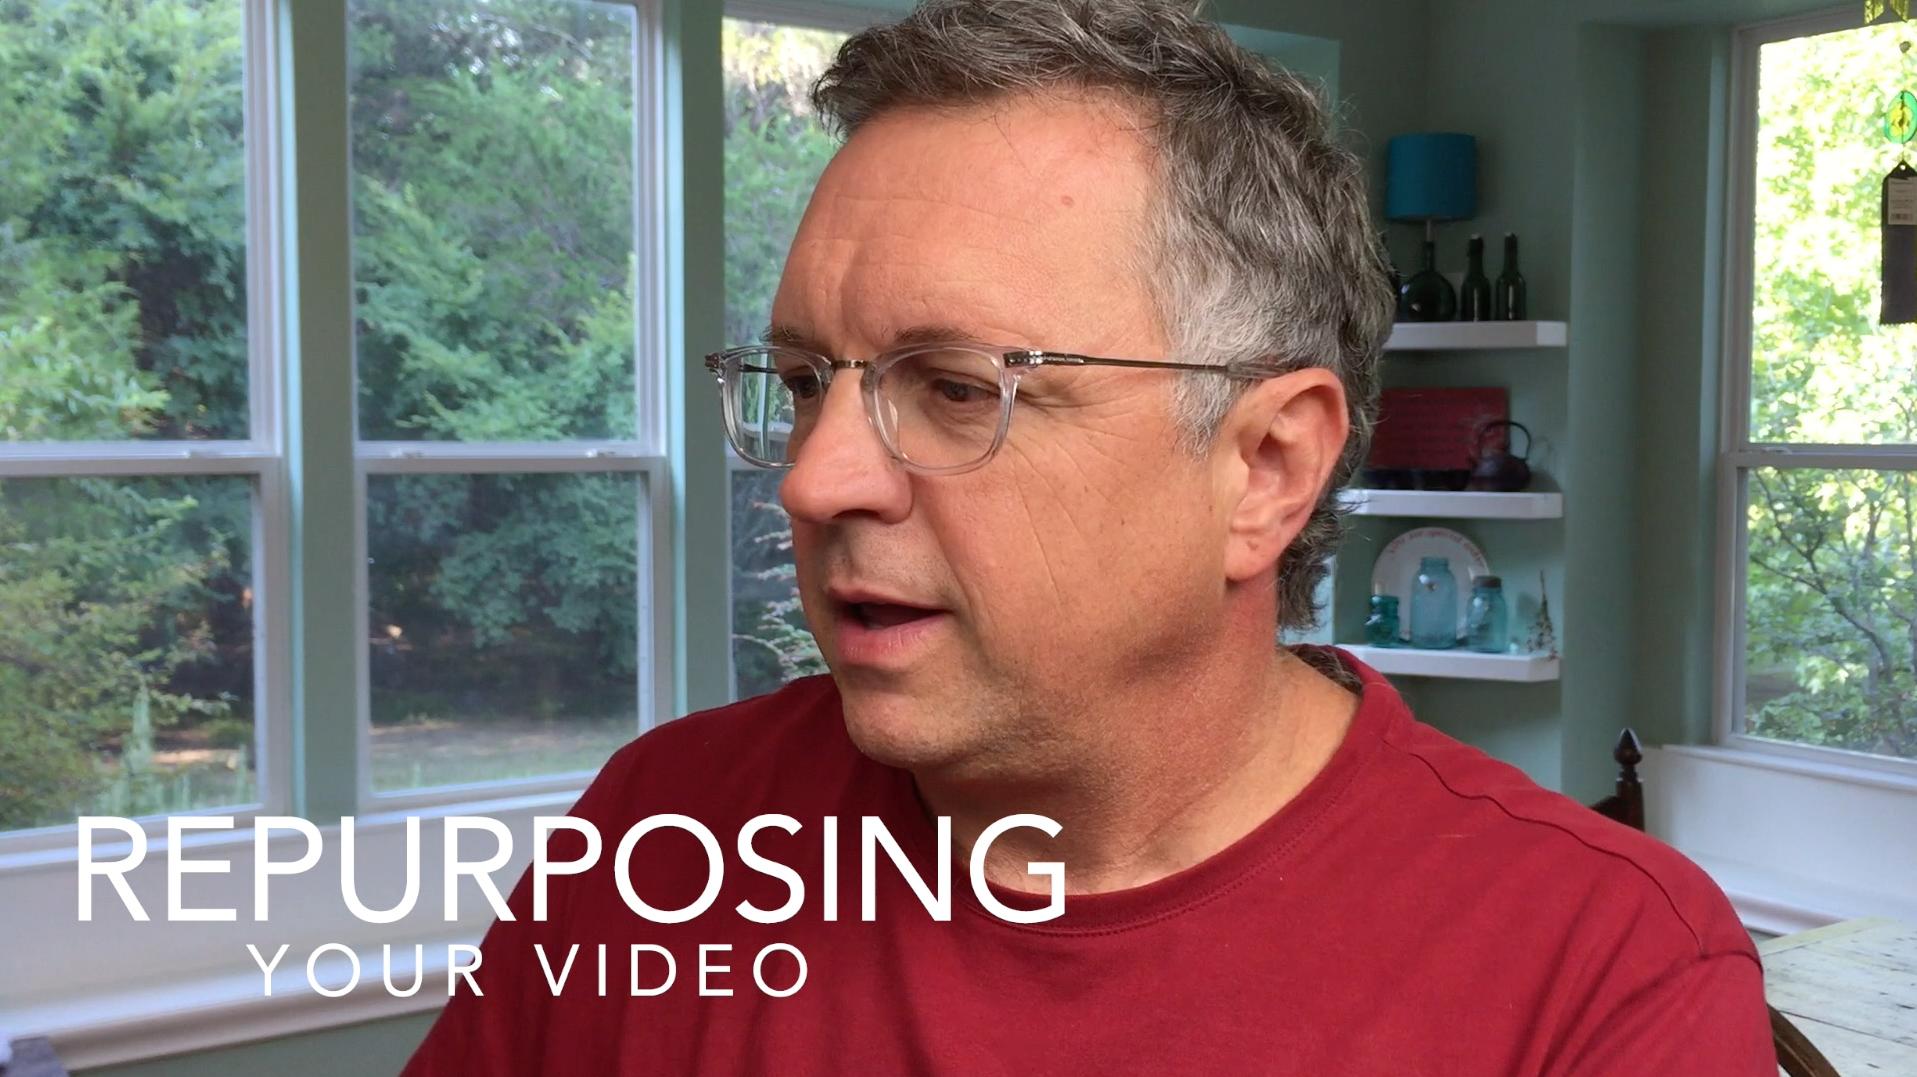 8 - Repurposing Your Video